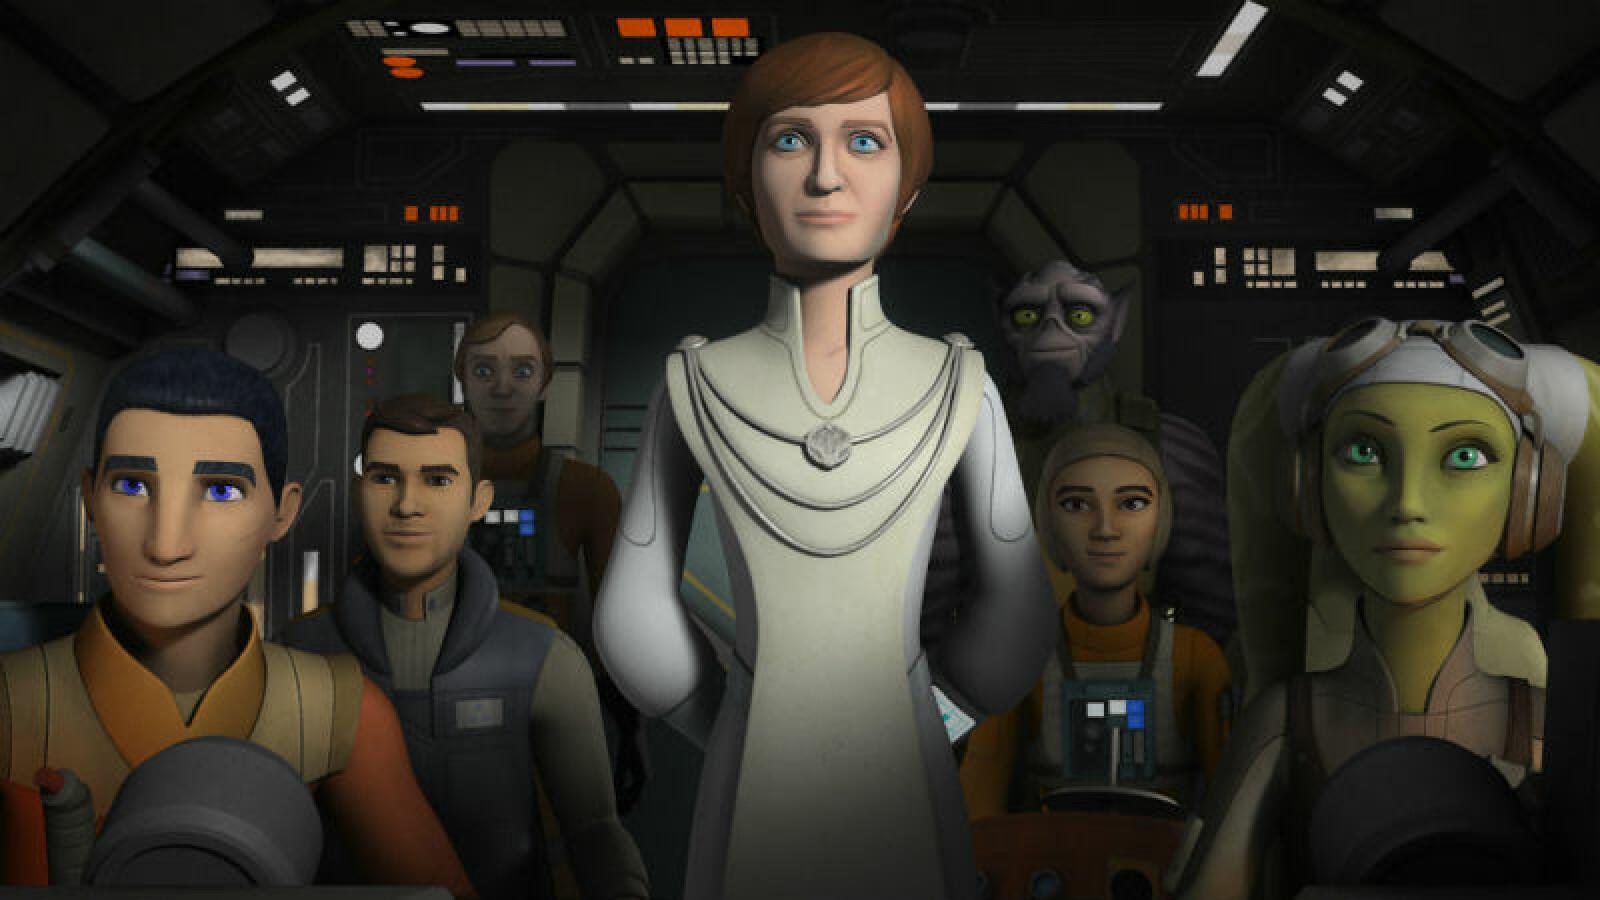 Star Wars Rebels Episodenguide